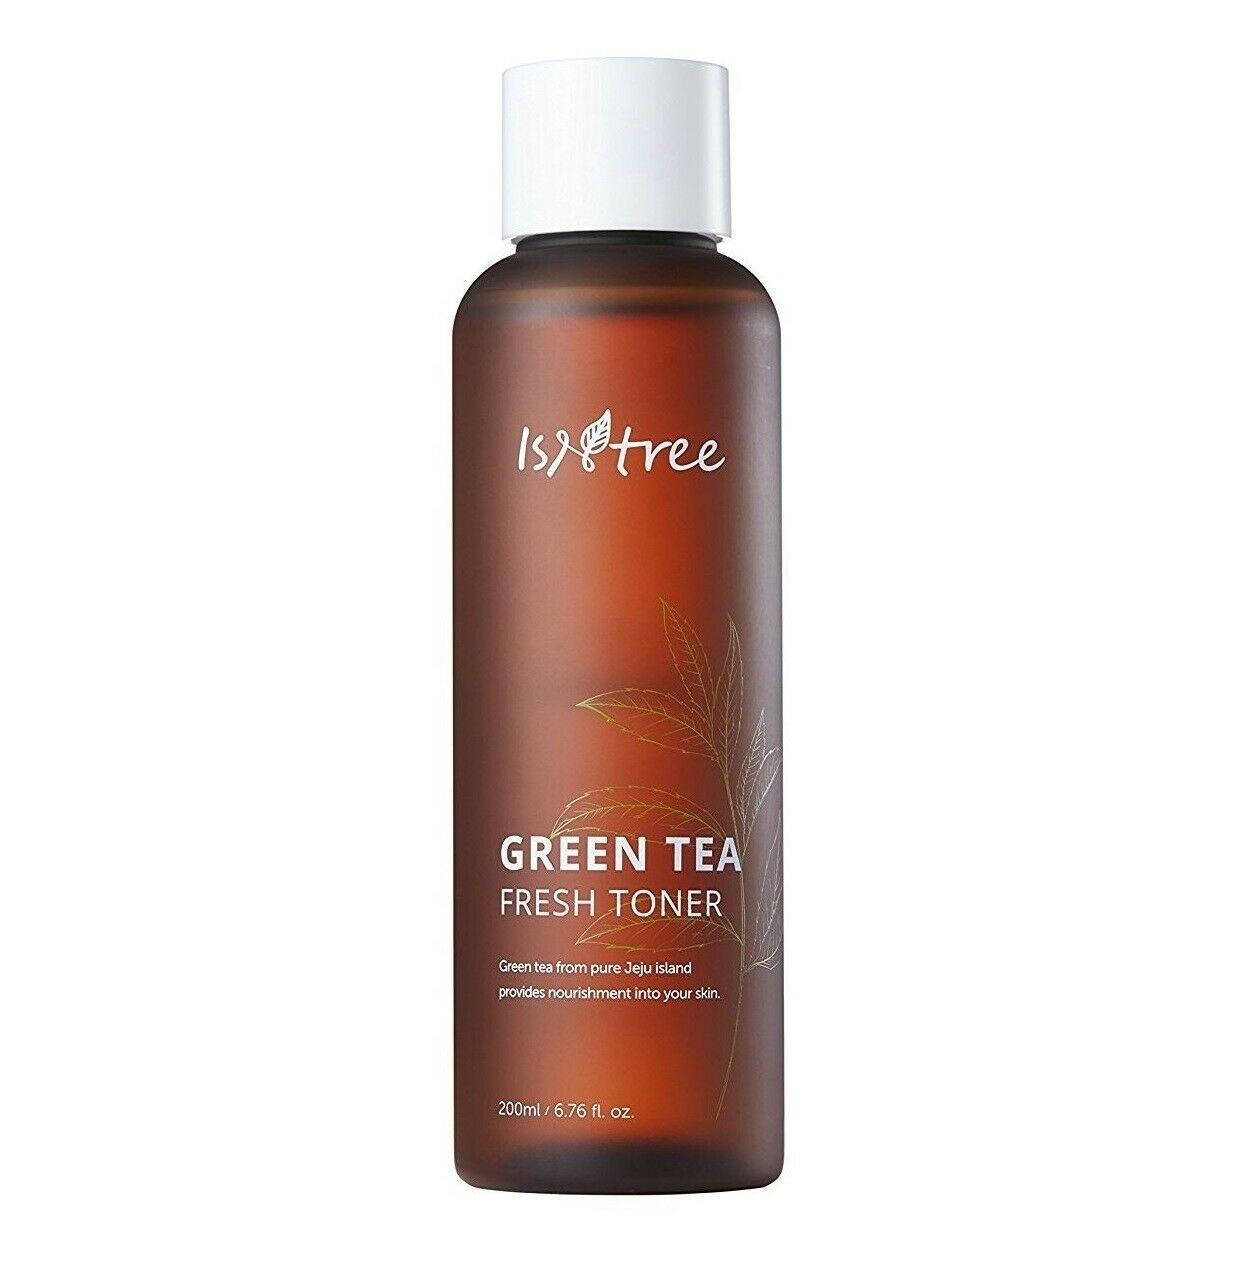 Освежающий тонер c зелёным чаем IsNtree Green Tea Fresh Toner - 200 мл